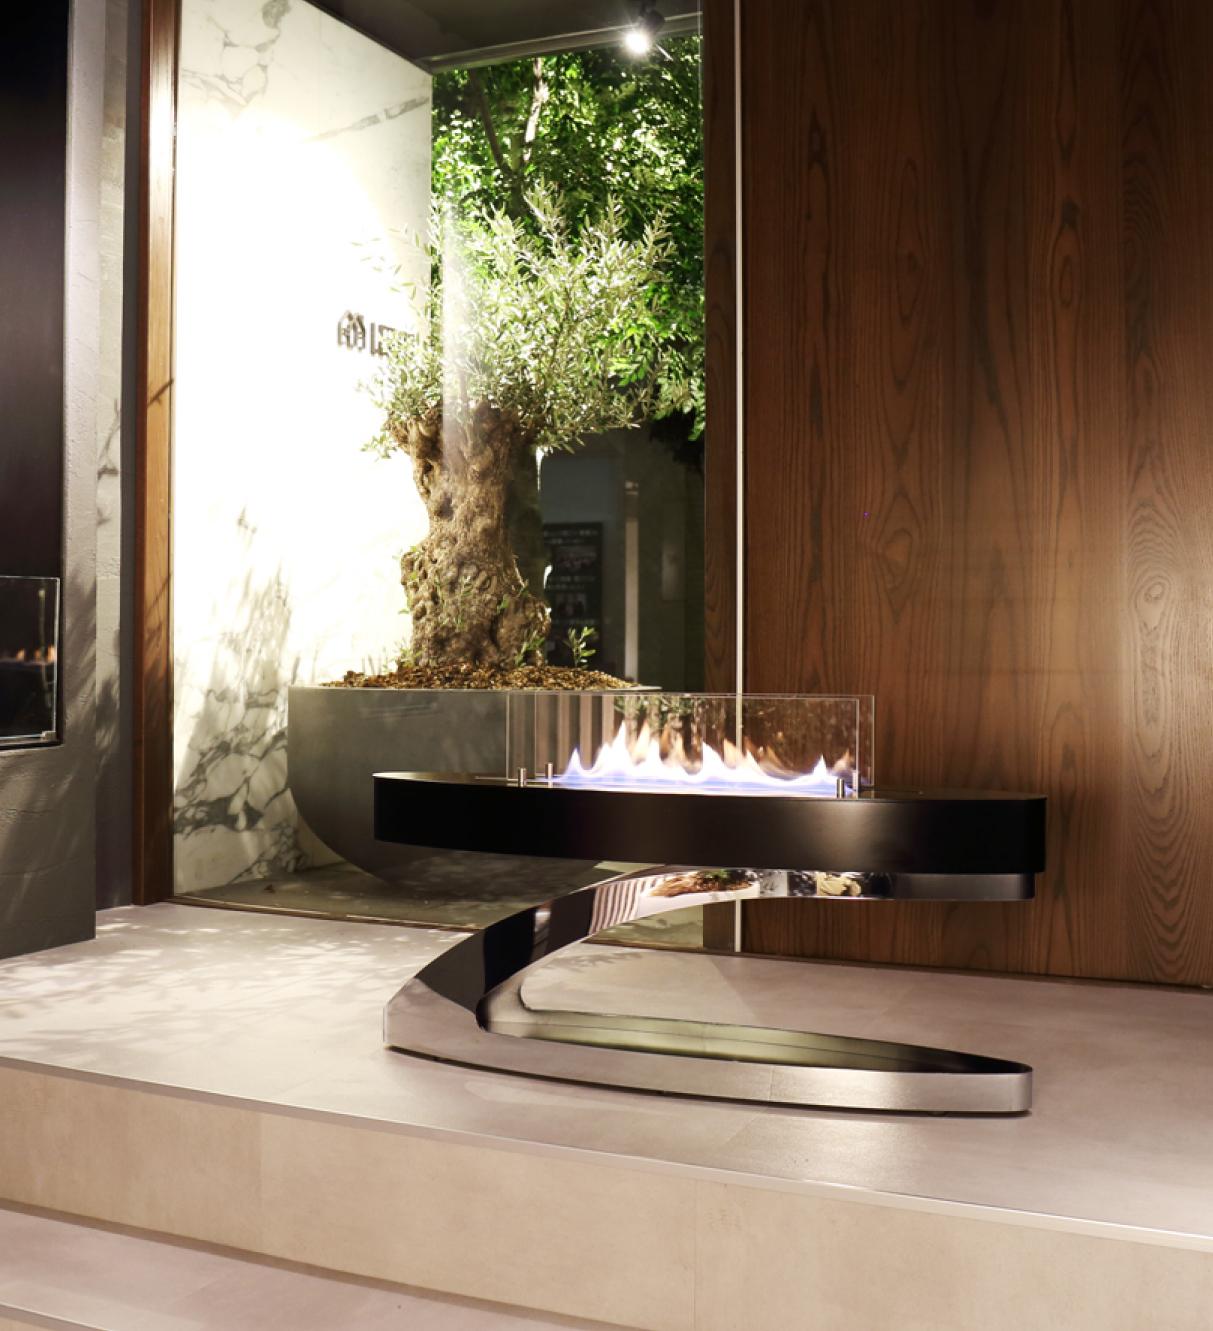 バイオエタノール暖炉 オータムキャンペーン